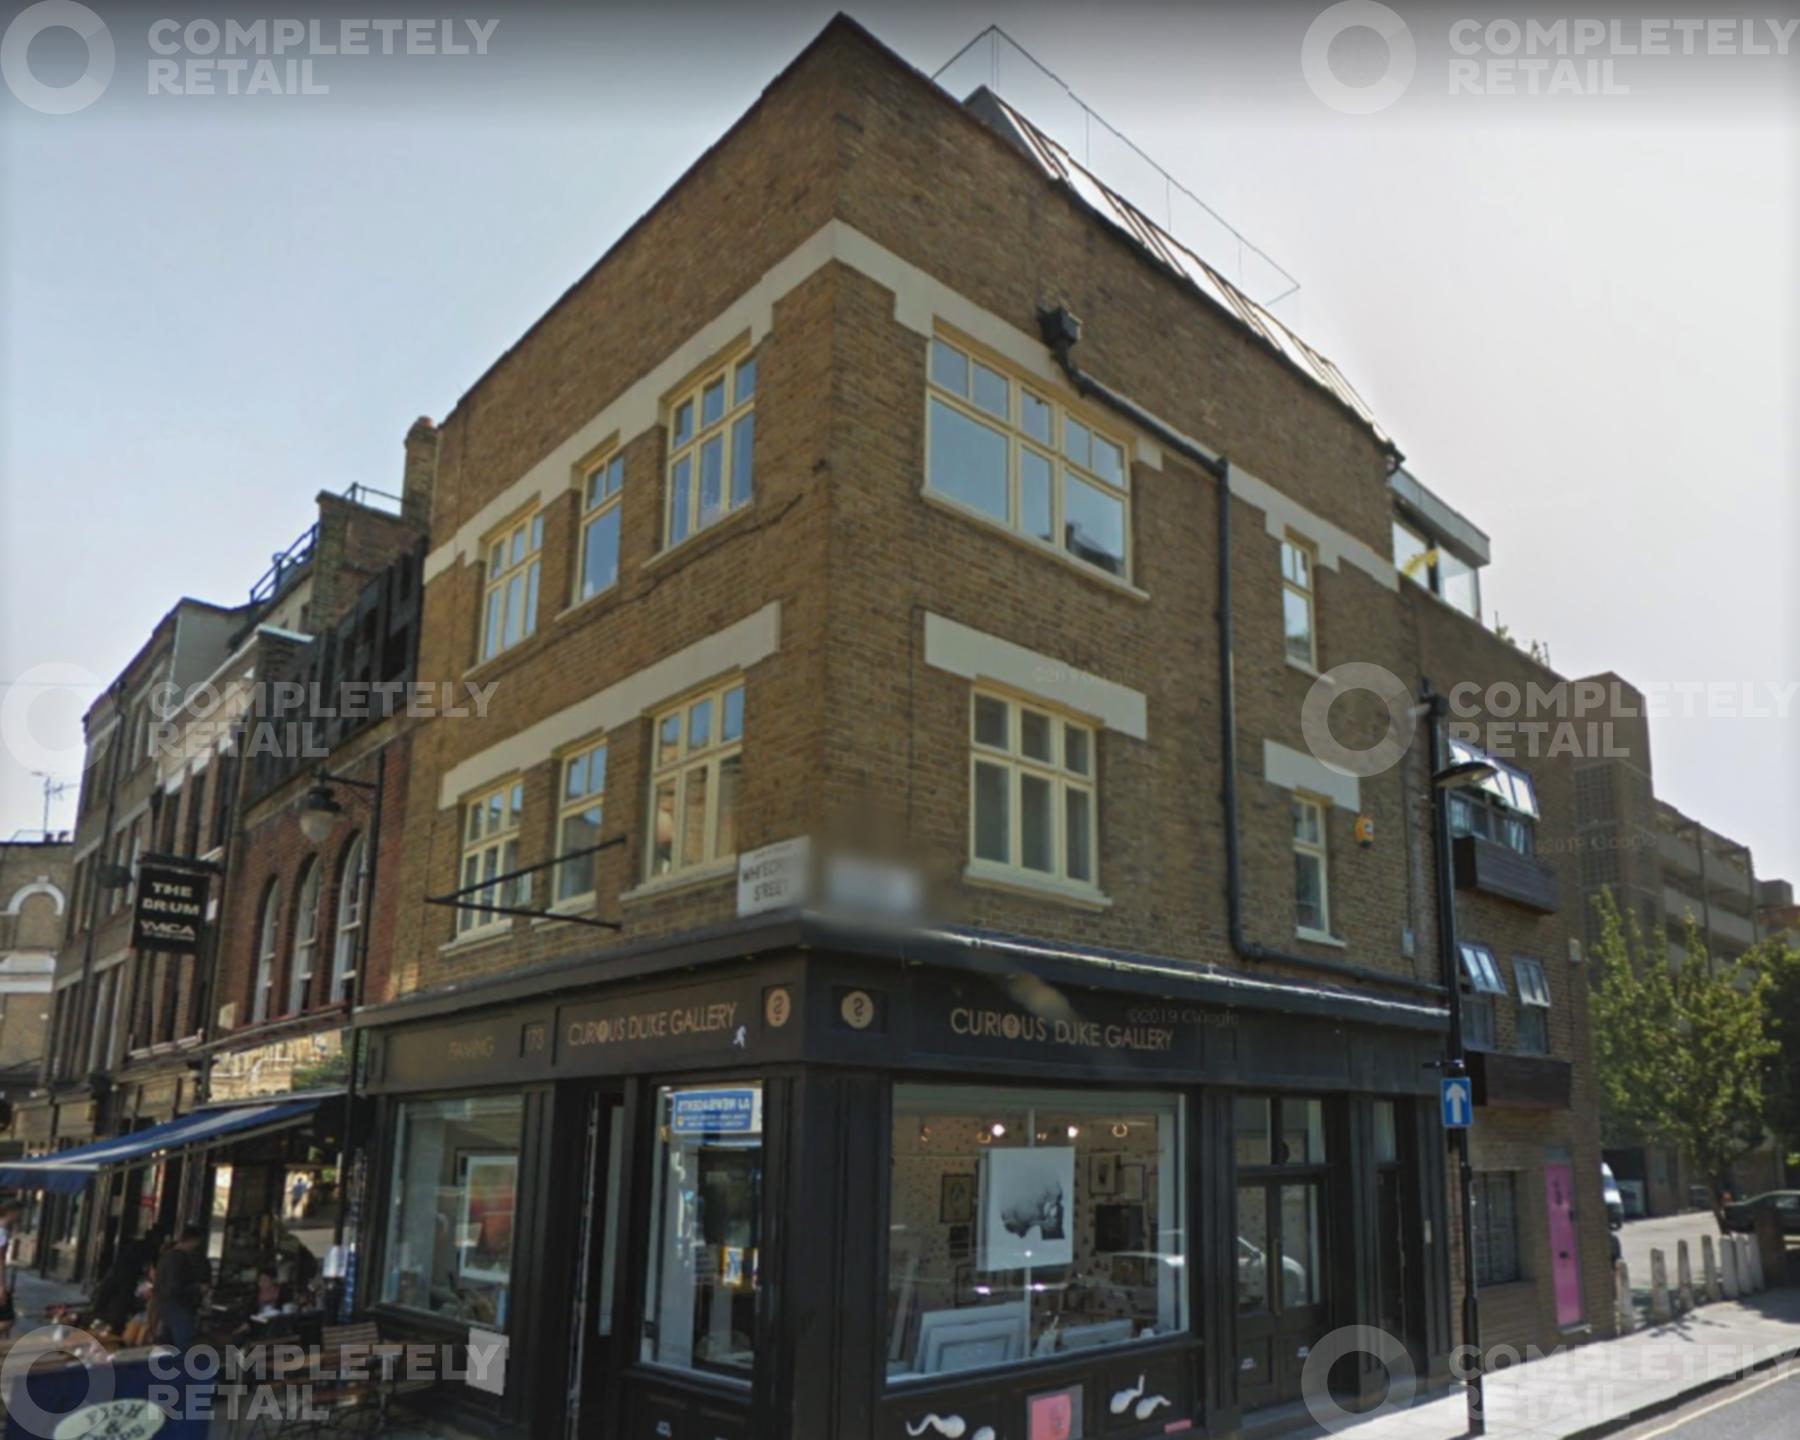 175 Whitecross Street, London, EC1Y 8JT